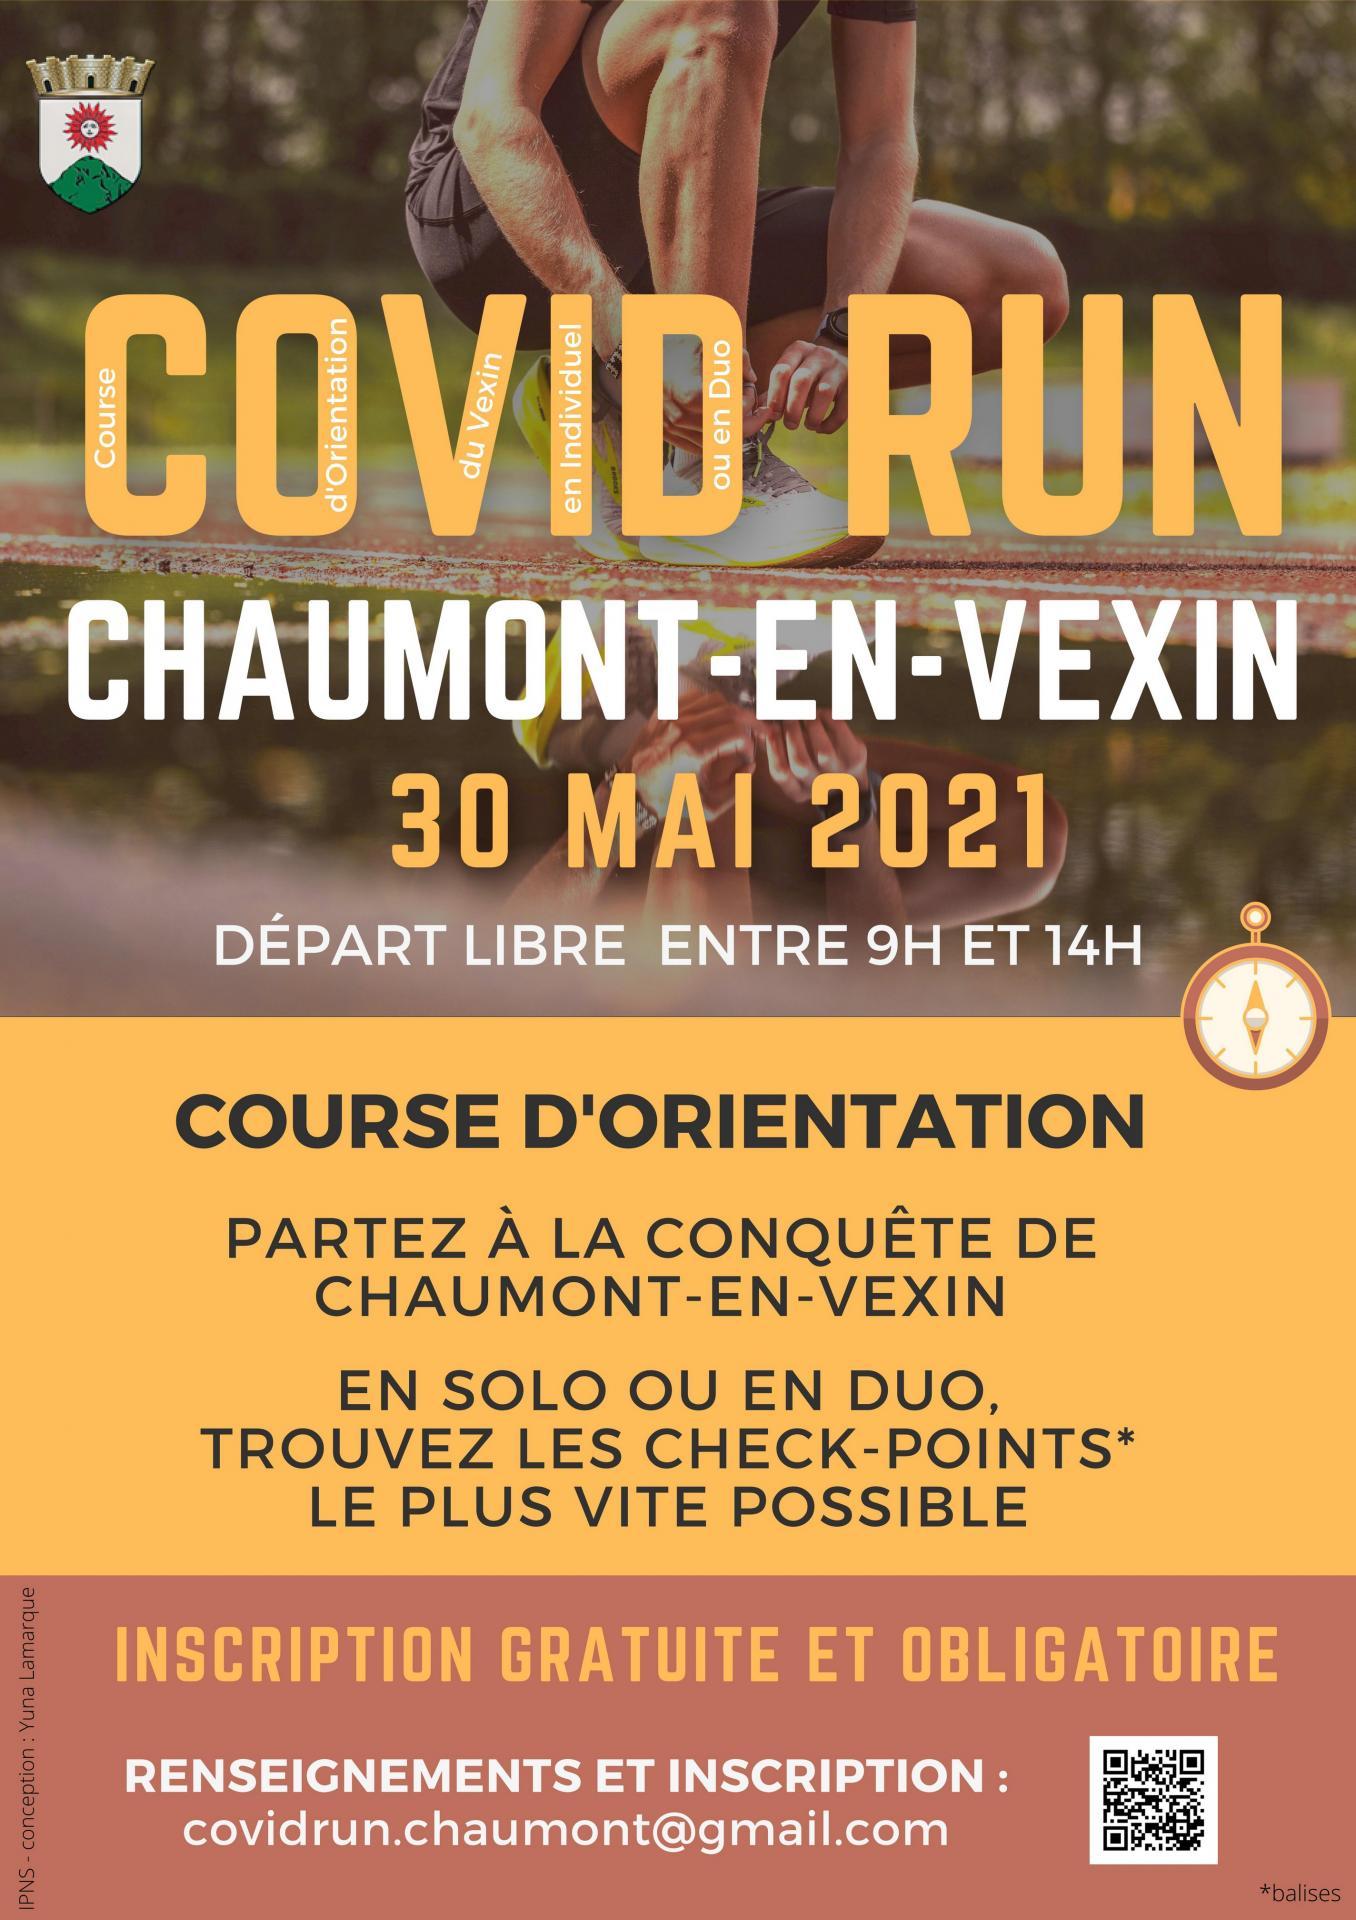 Covid run